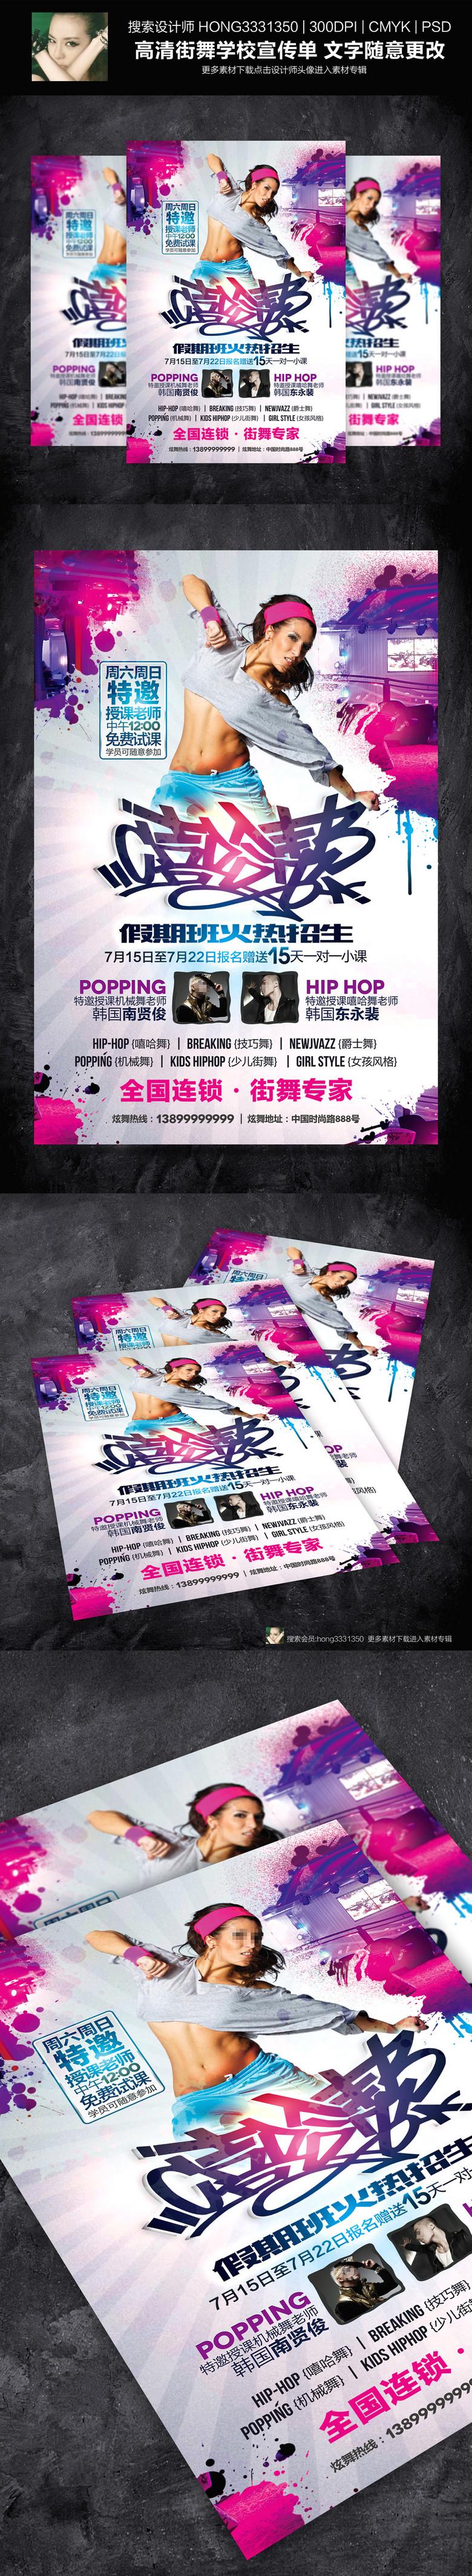 街舞招生宣传单舞蹈培训班海报表演大赛背景